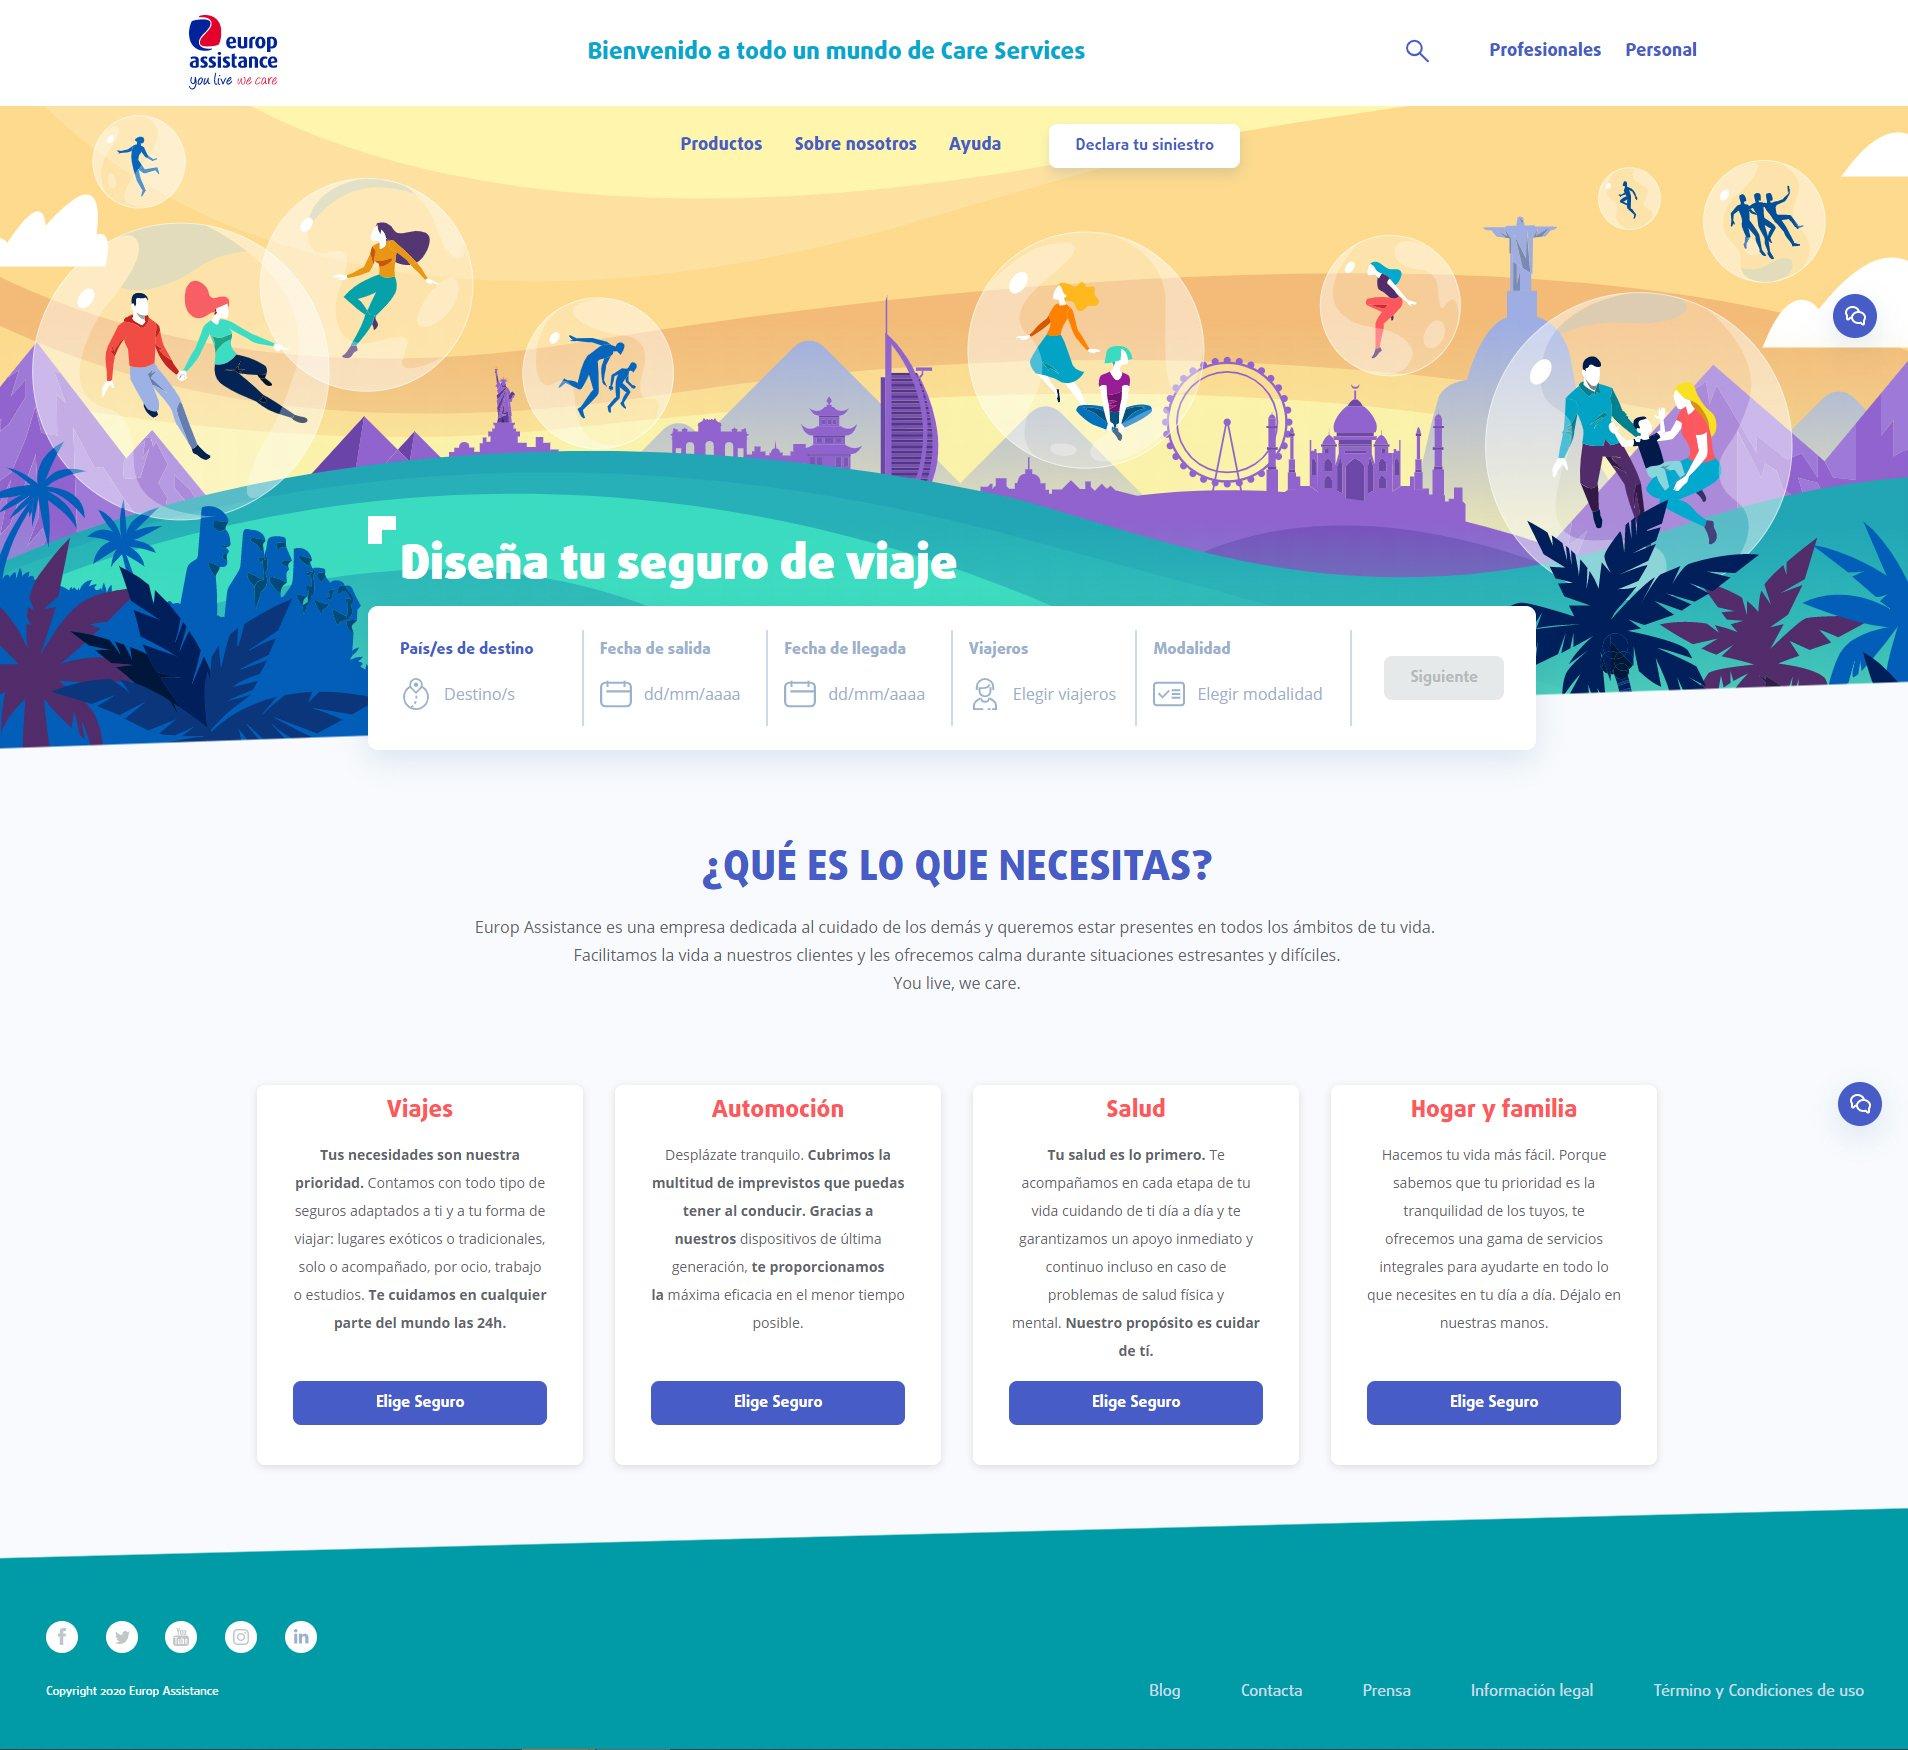 europ assistance nueva web sin medidas